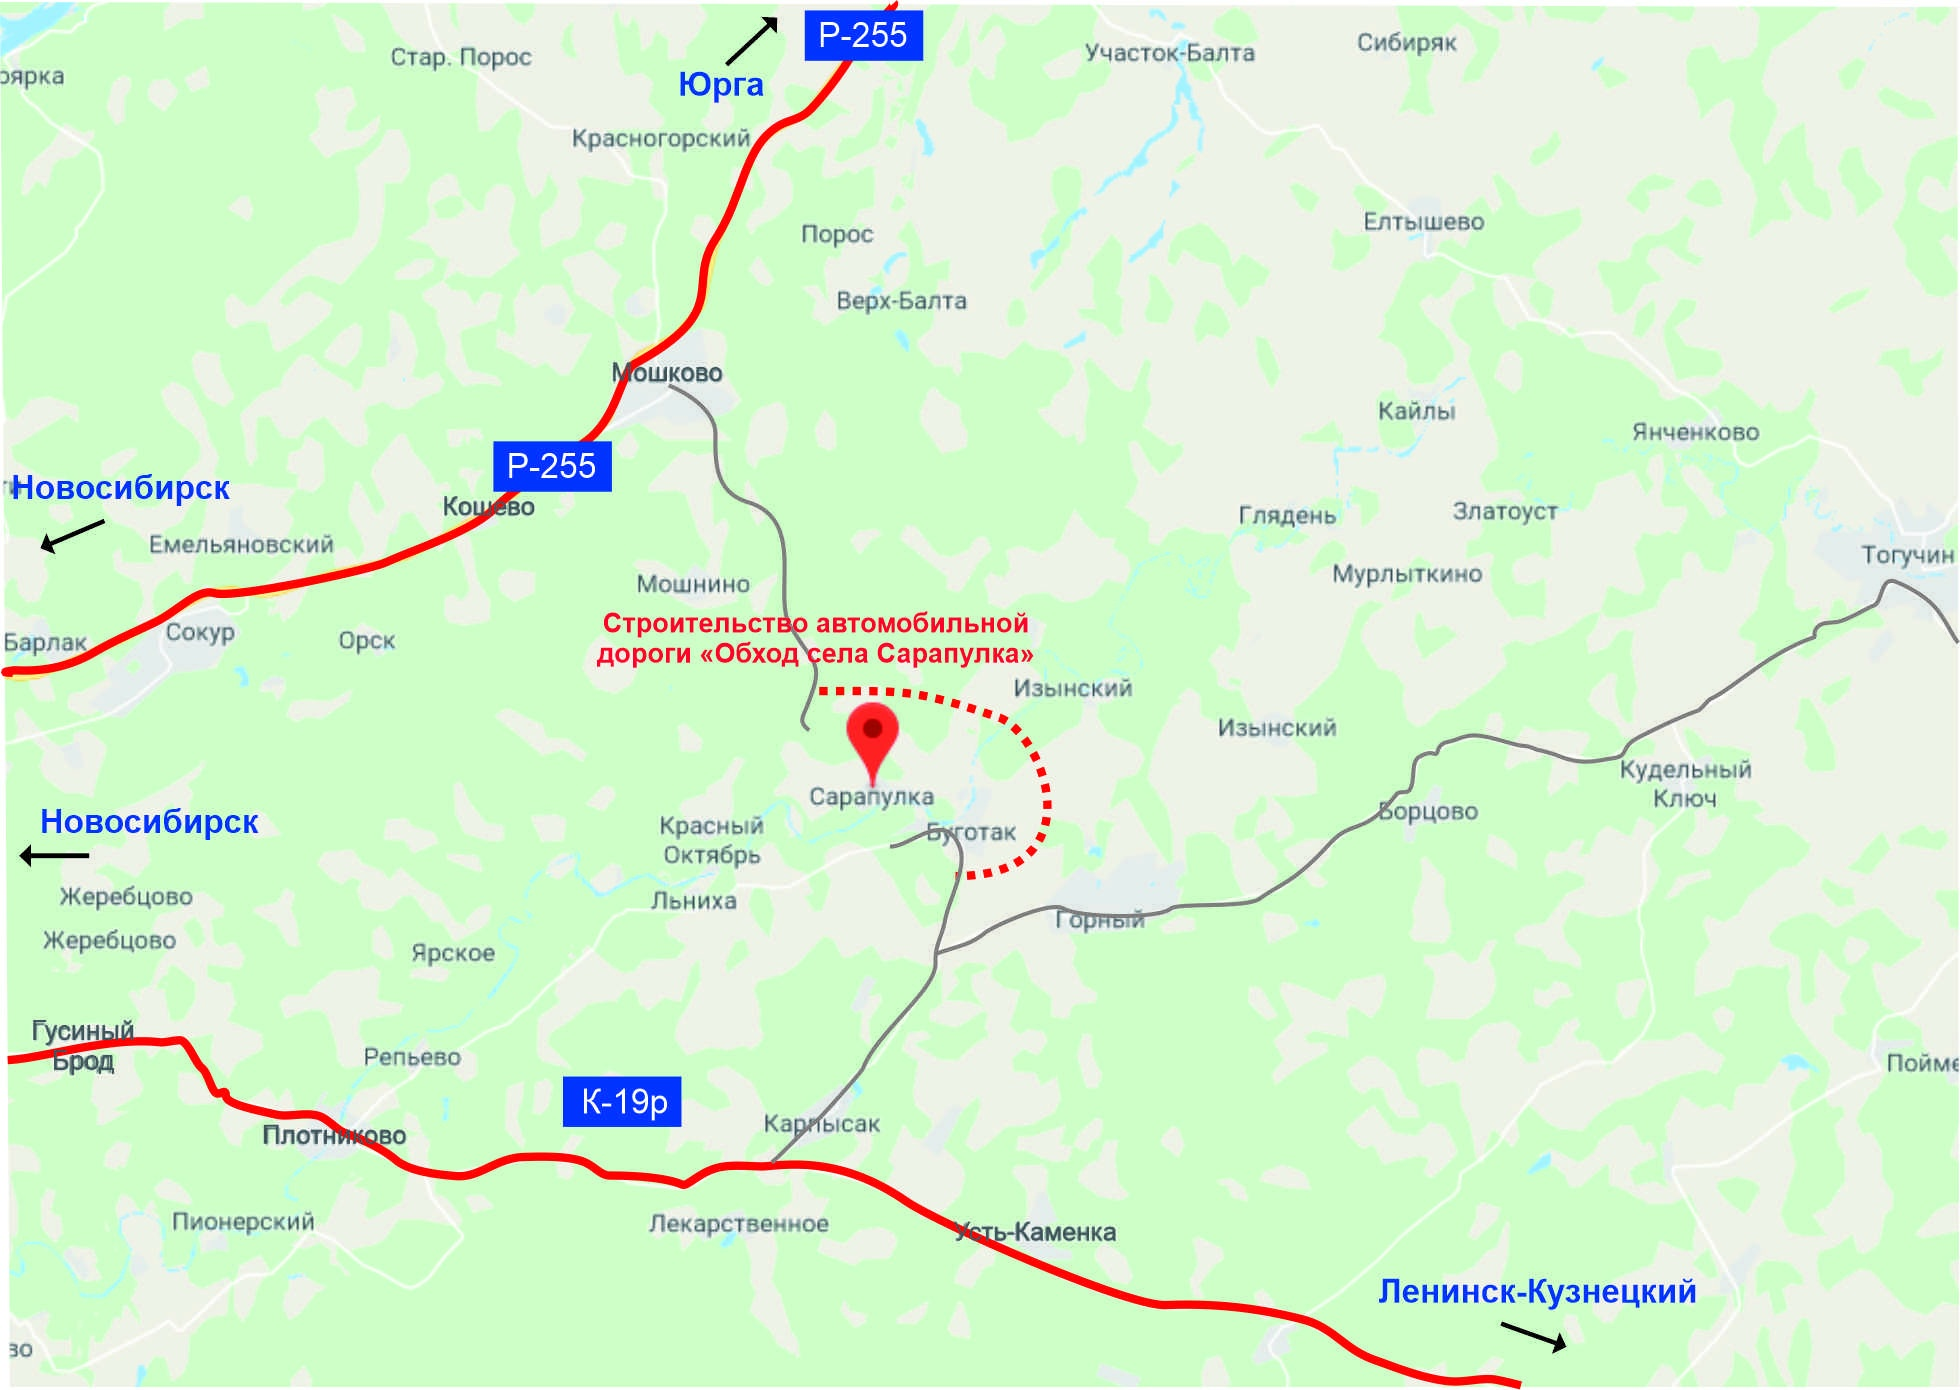 Новая дорога соединит федеральную трассу на Кемерово и Томск с областной дорогой до Ленинска-Кузнецкого